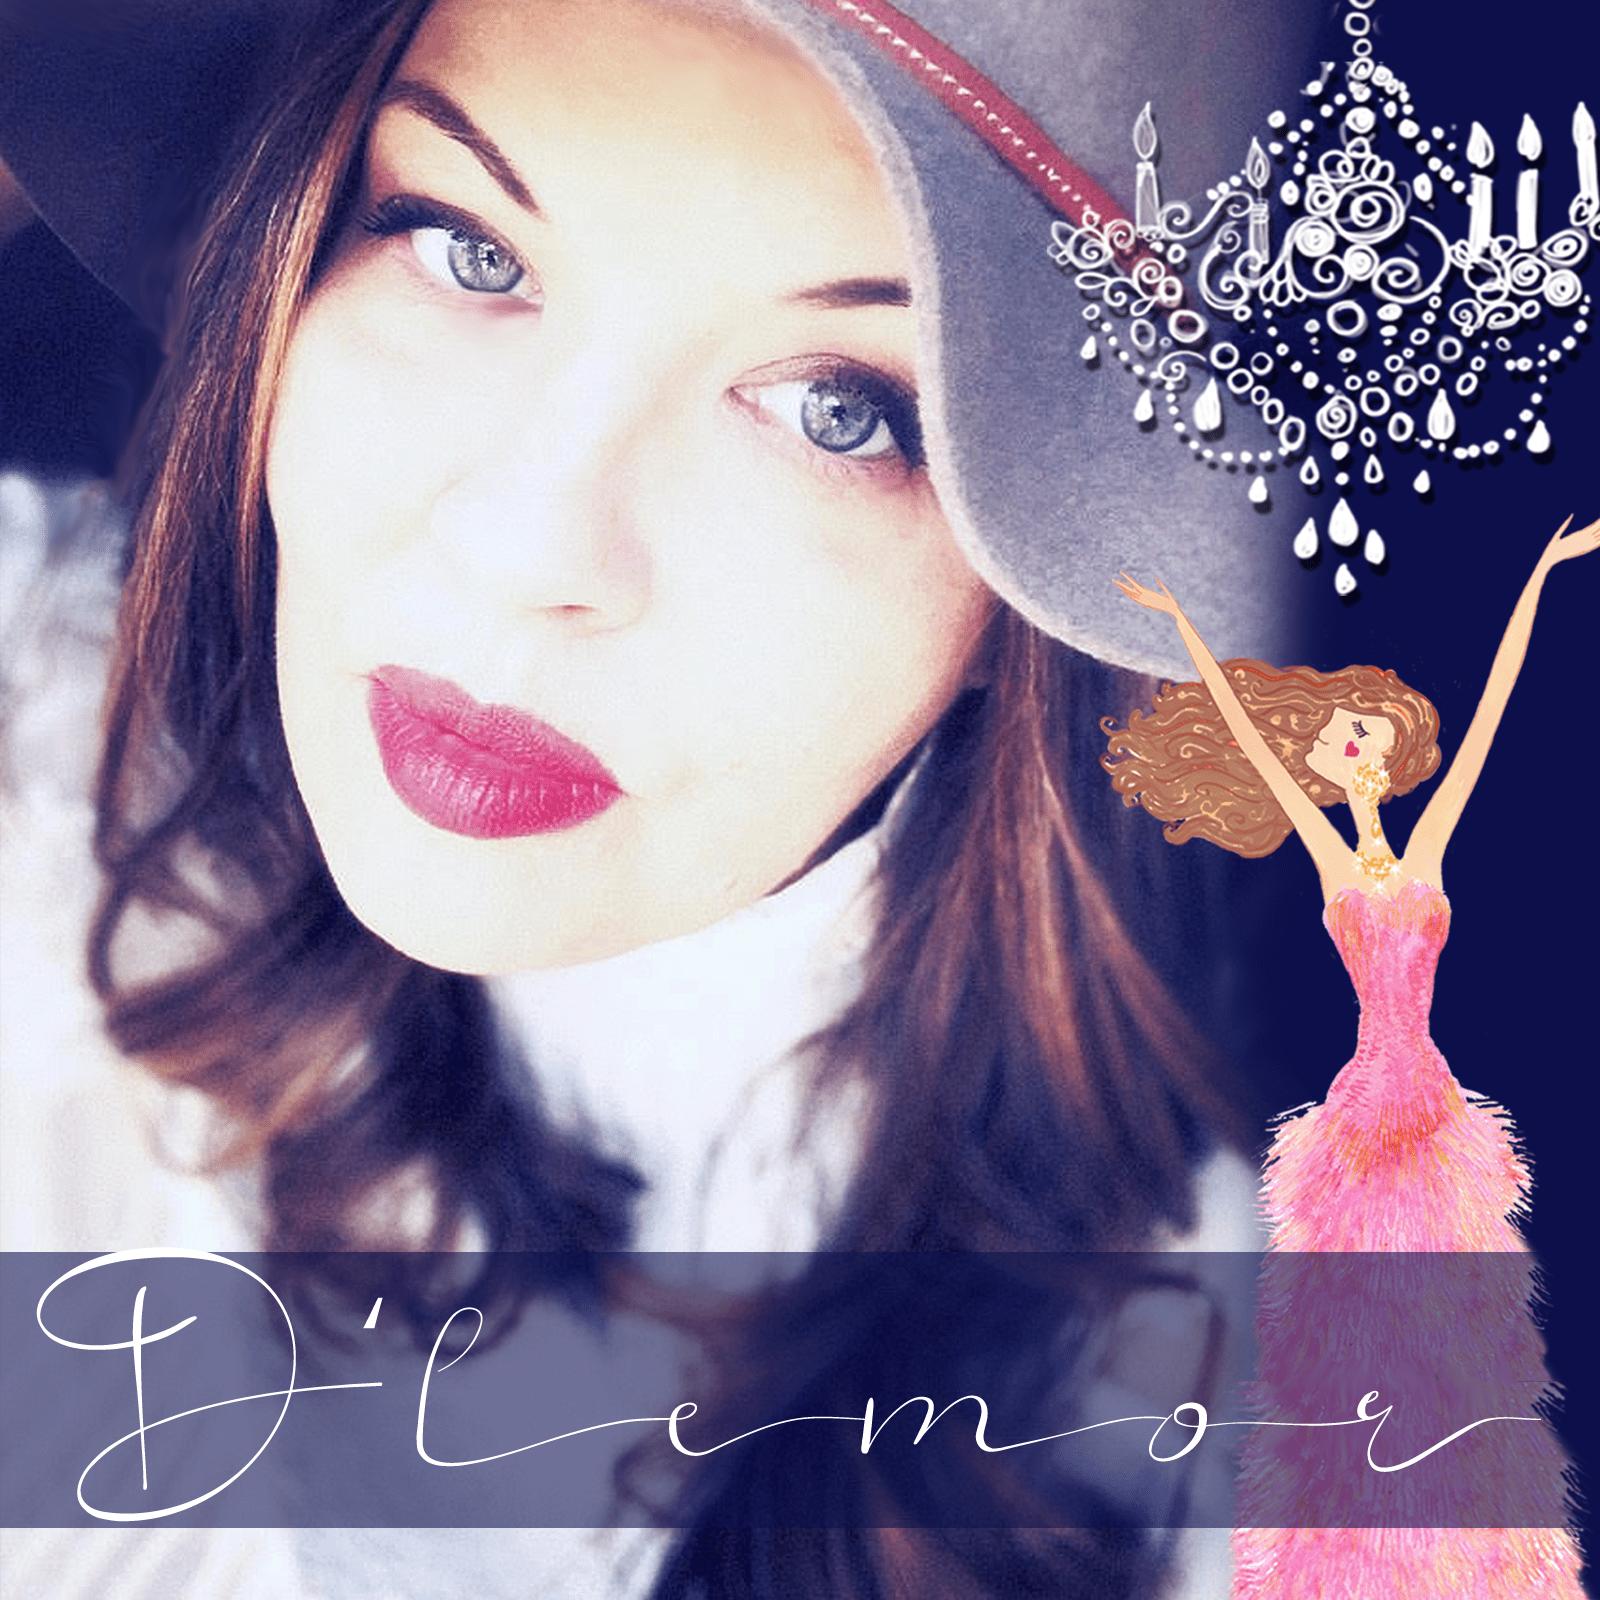 """D'Lemor Releases Debut Single """"Shine"""" + Music Video"""